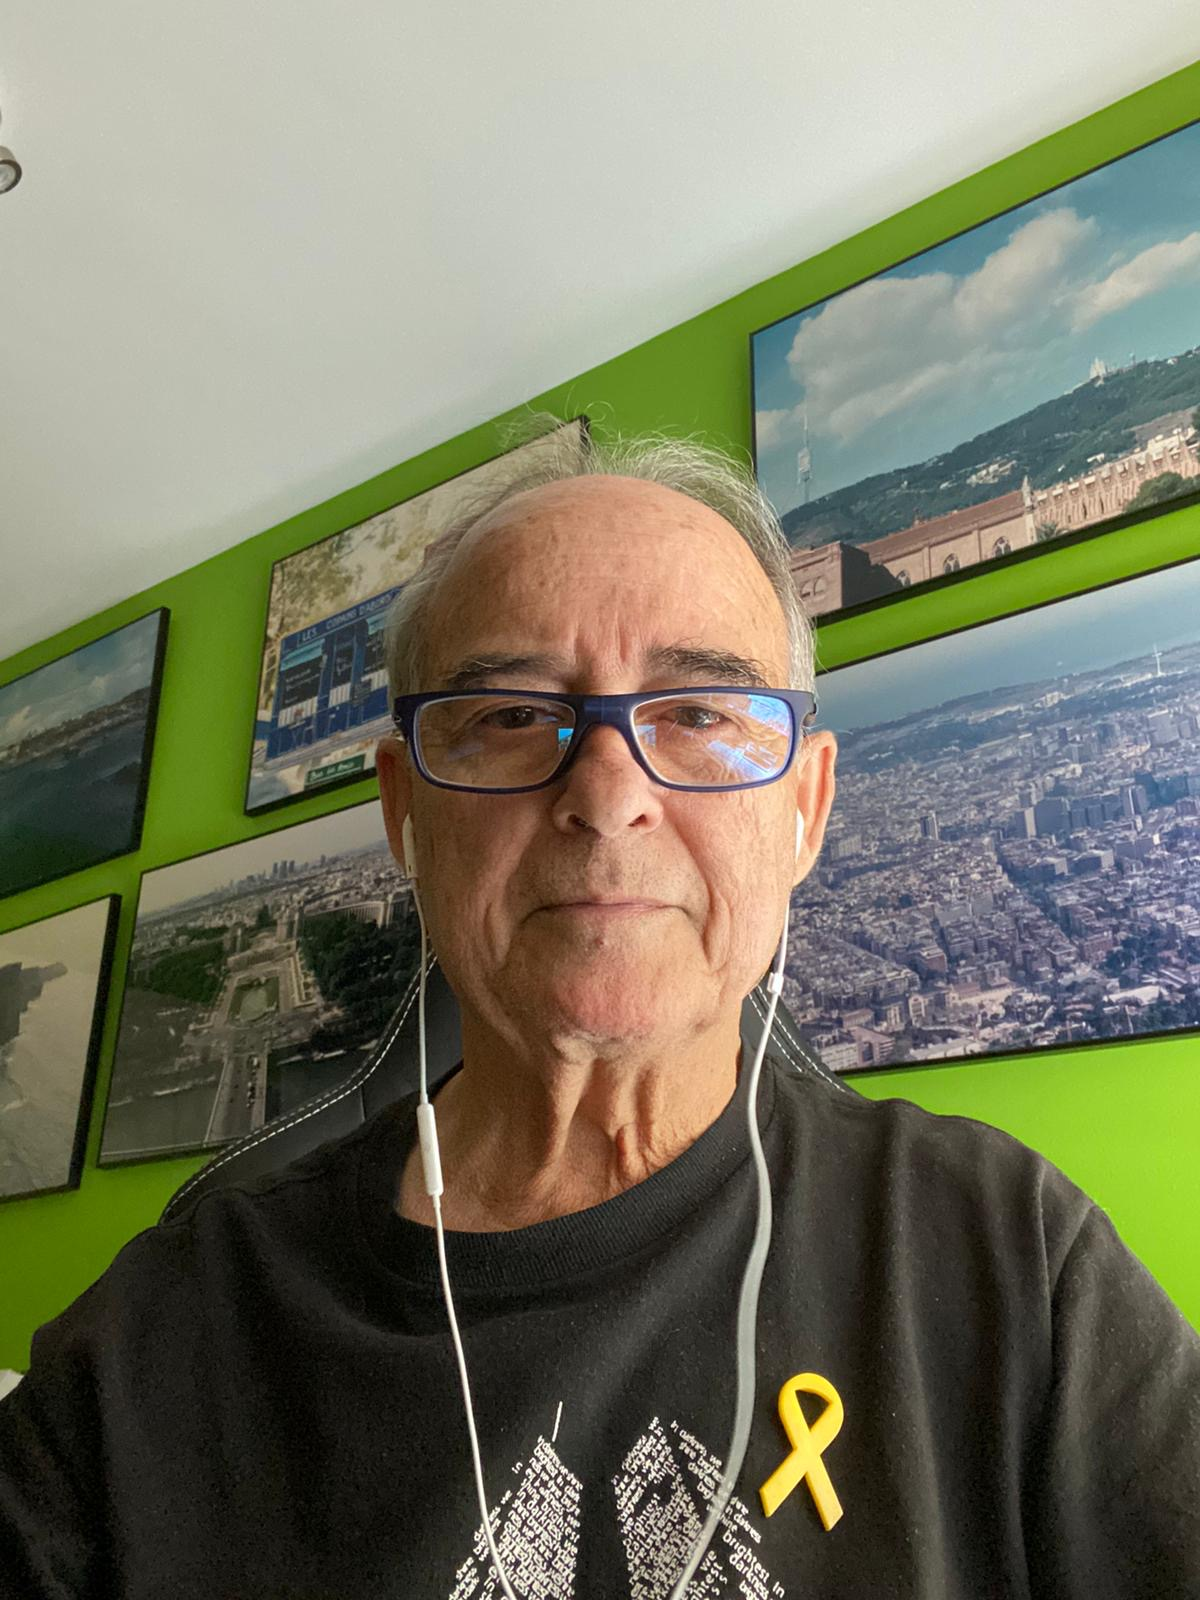 Bartolomé Pluma